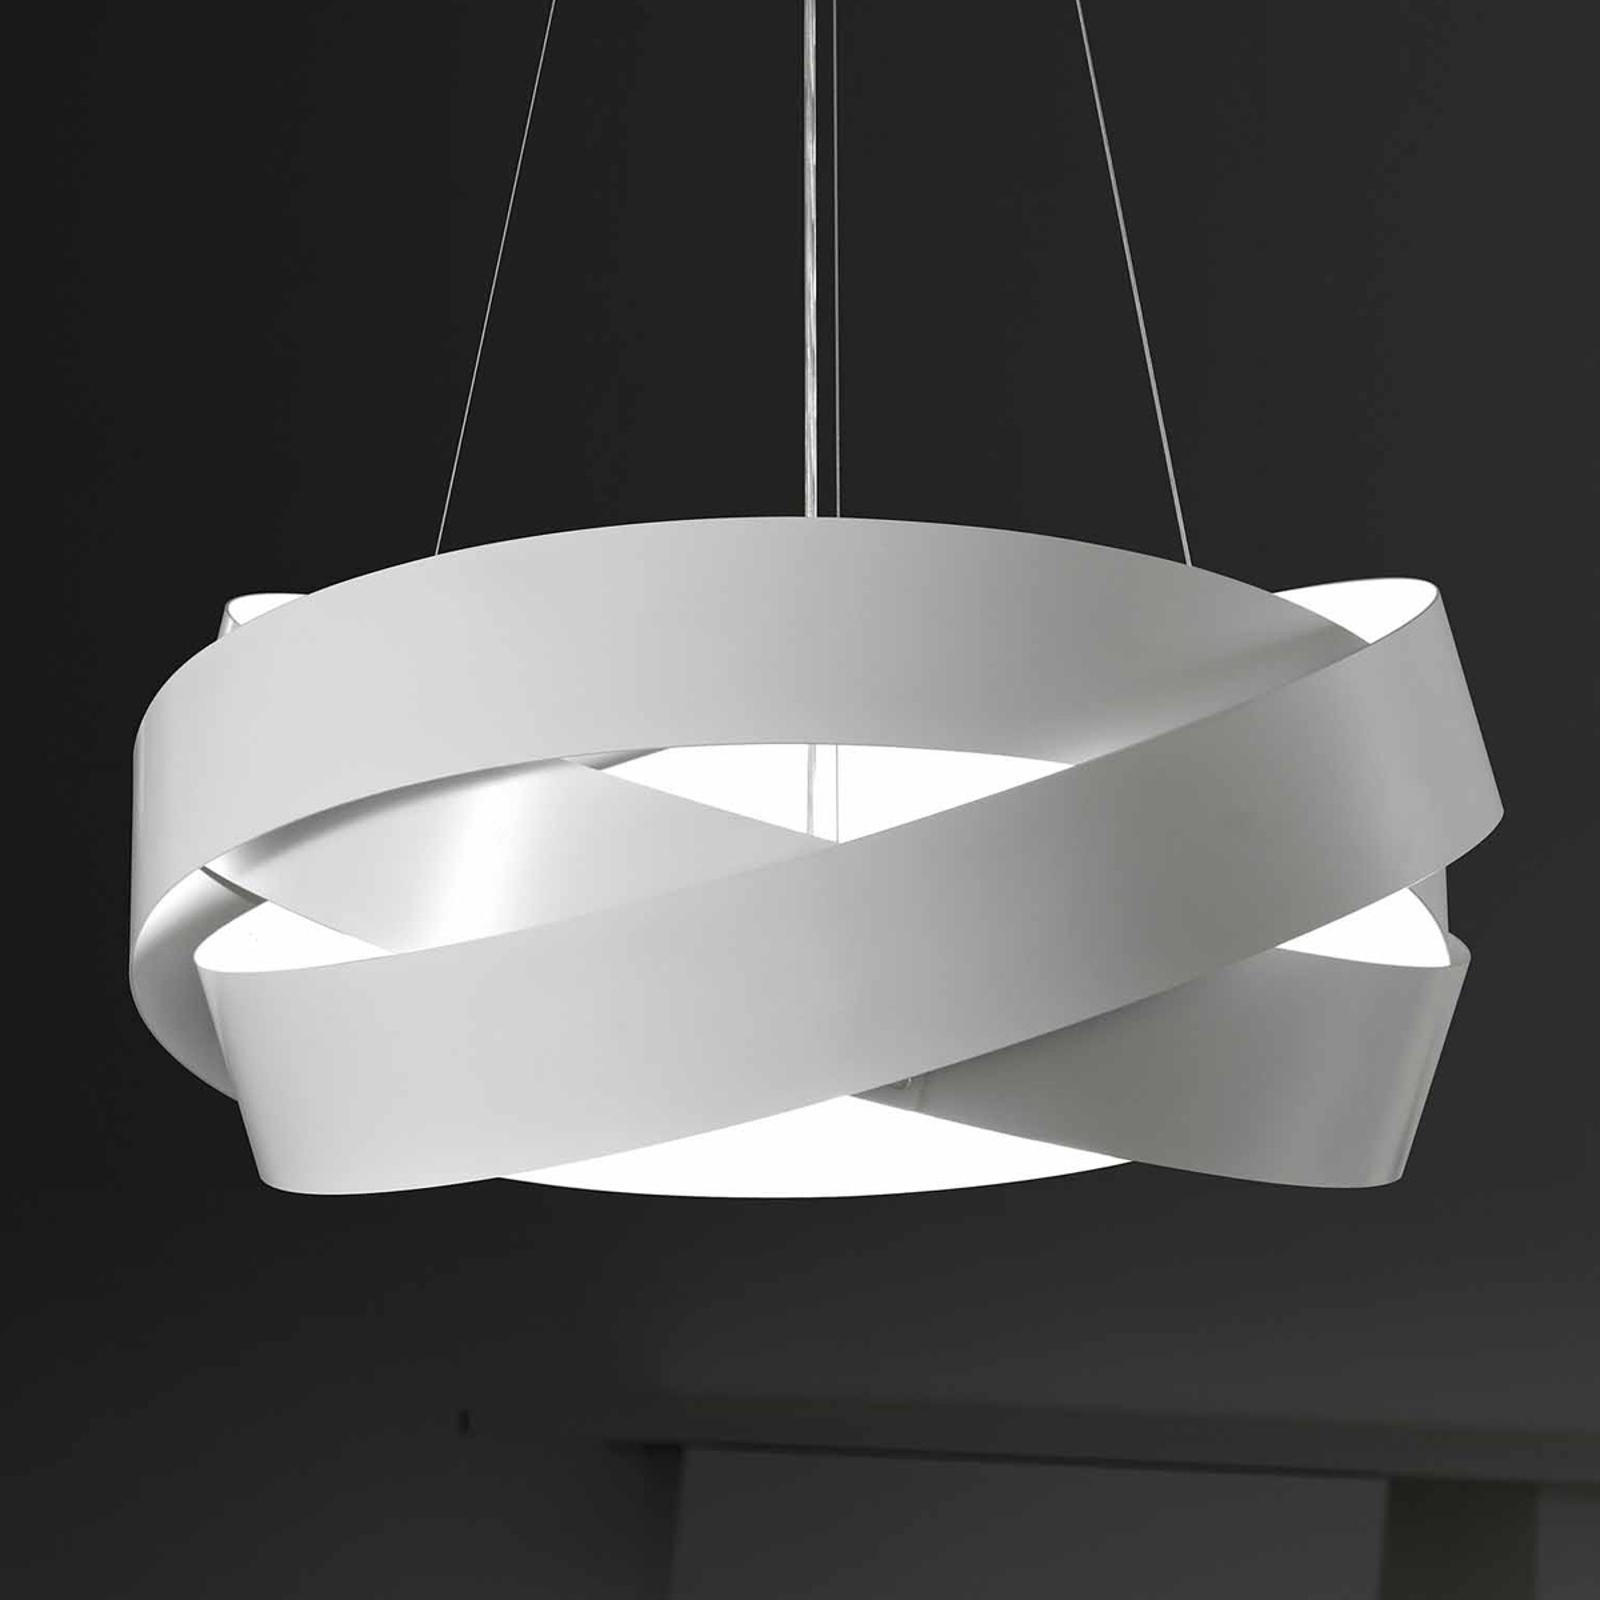 Lampa wisząca Pura w kolorze białym, oprawa E27